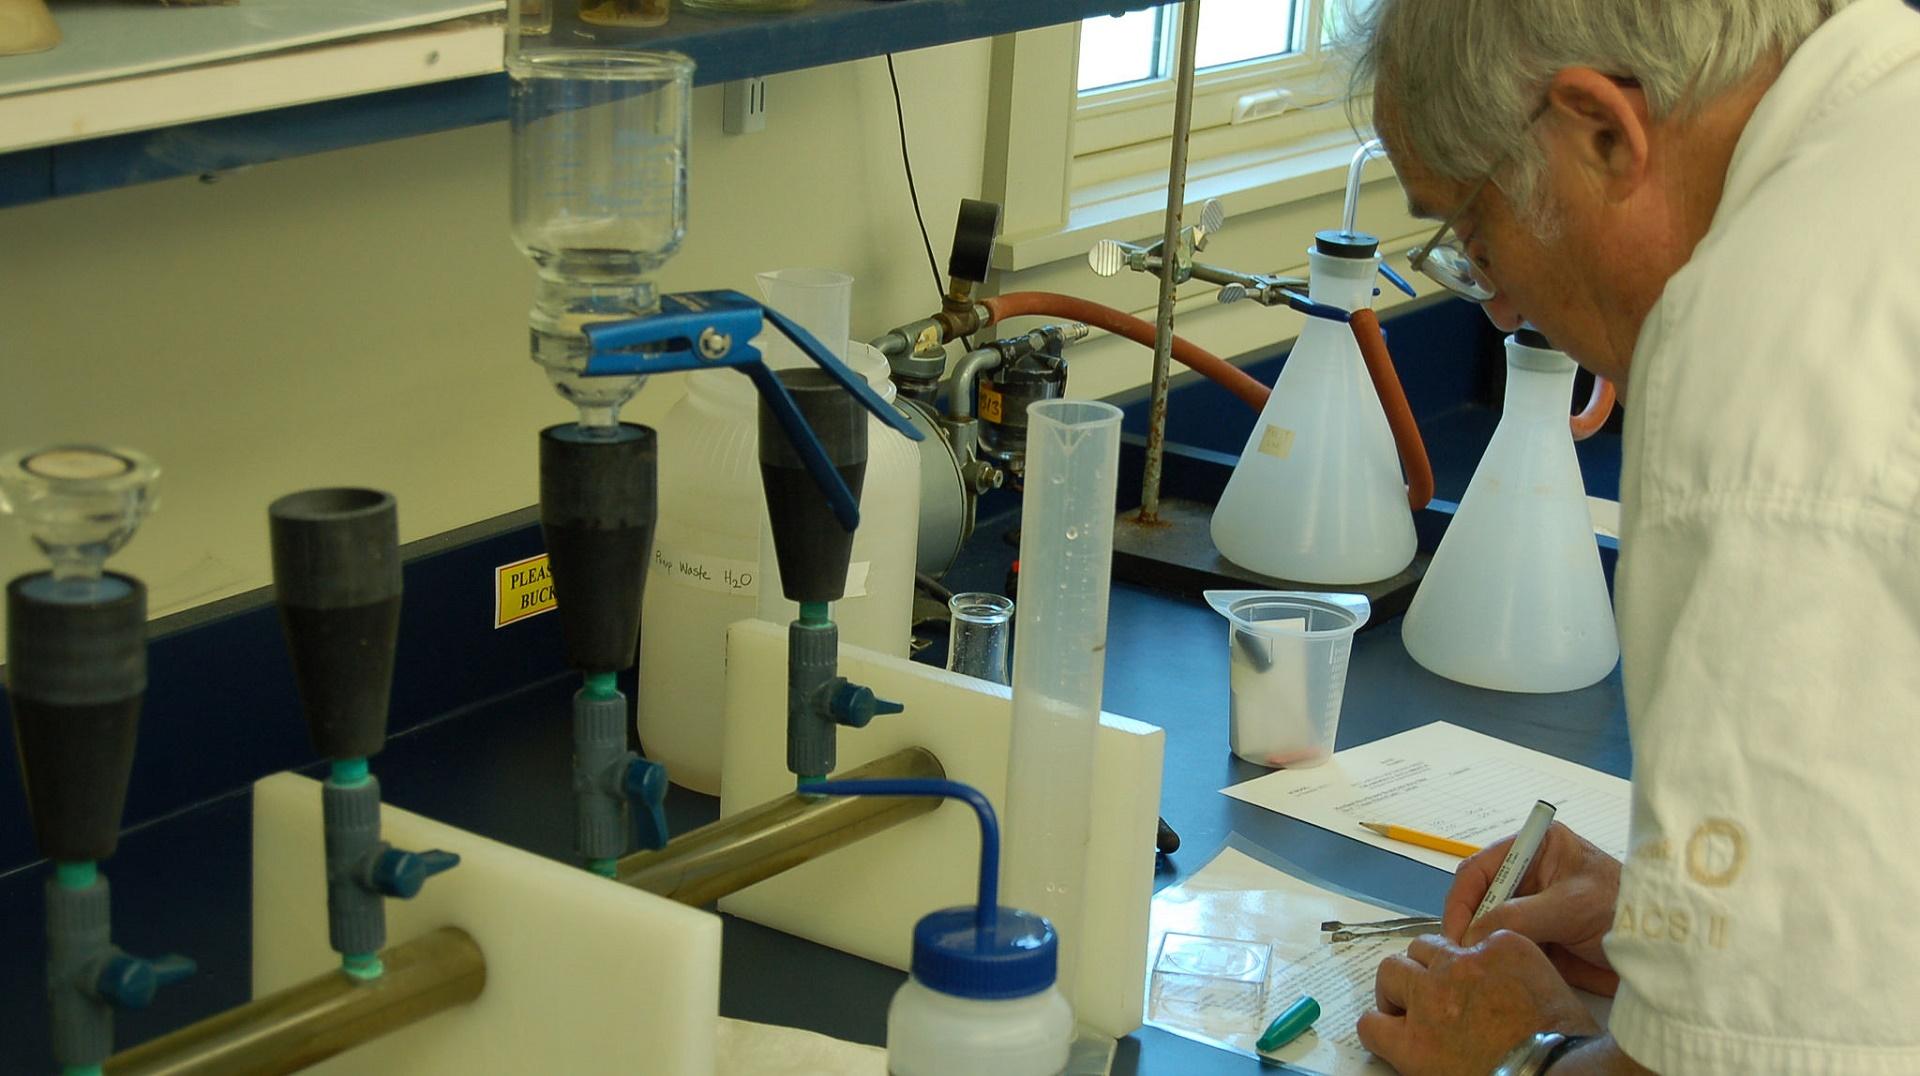 ¿Hay necesidad de mayor transparencia en las investigaciones científicas?